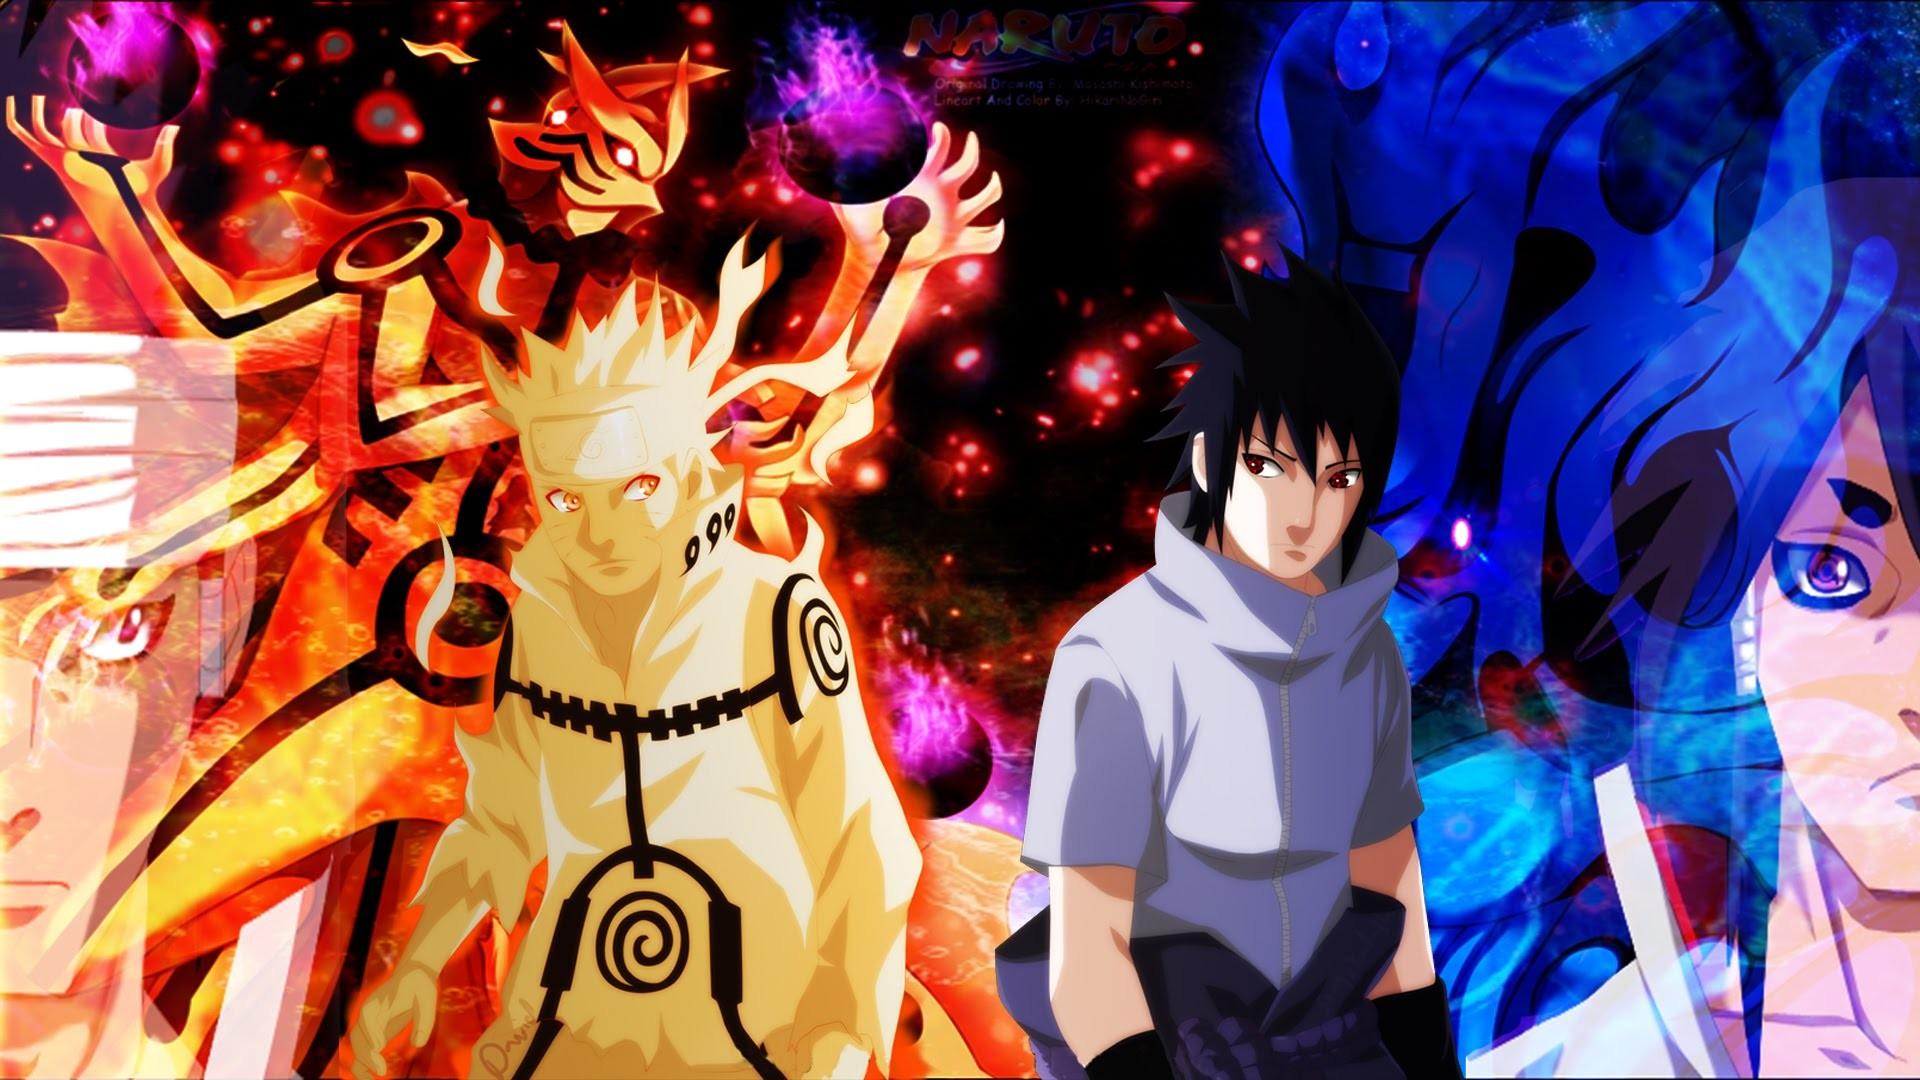 Sharingan Live Wallpaper Iphone X Sasuke And Naruto Wallpaper 59 Images